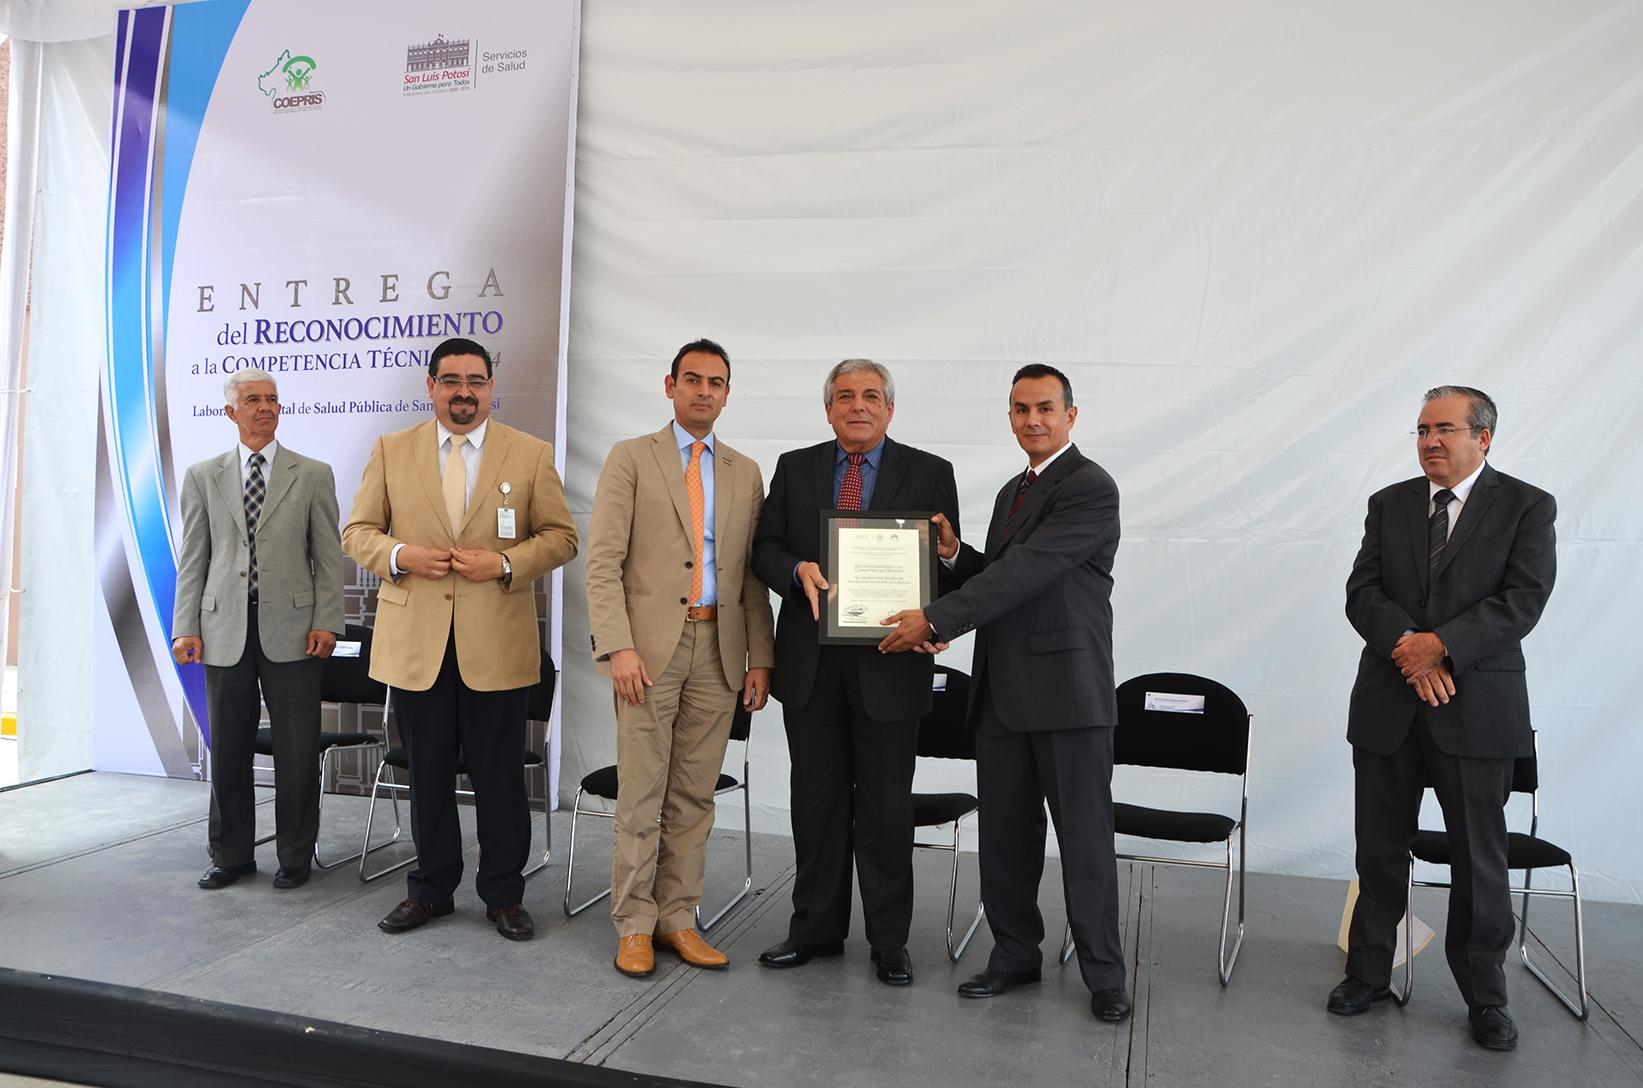 """Entrega del """"Reconocimiento a la Competencia Técnica"""" al Laboratorio Estatal de Salud Pública de San Luis Potosí"""